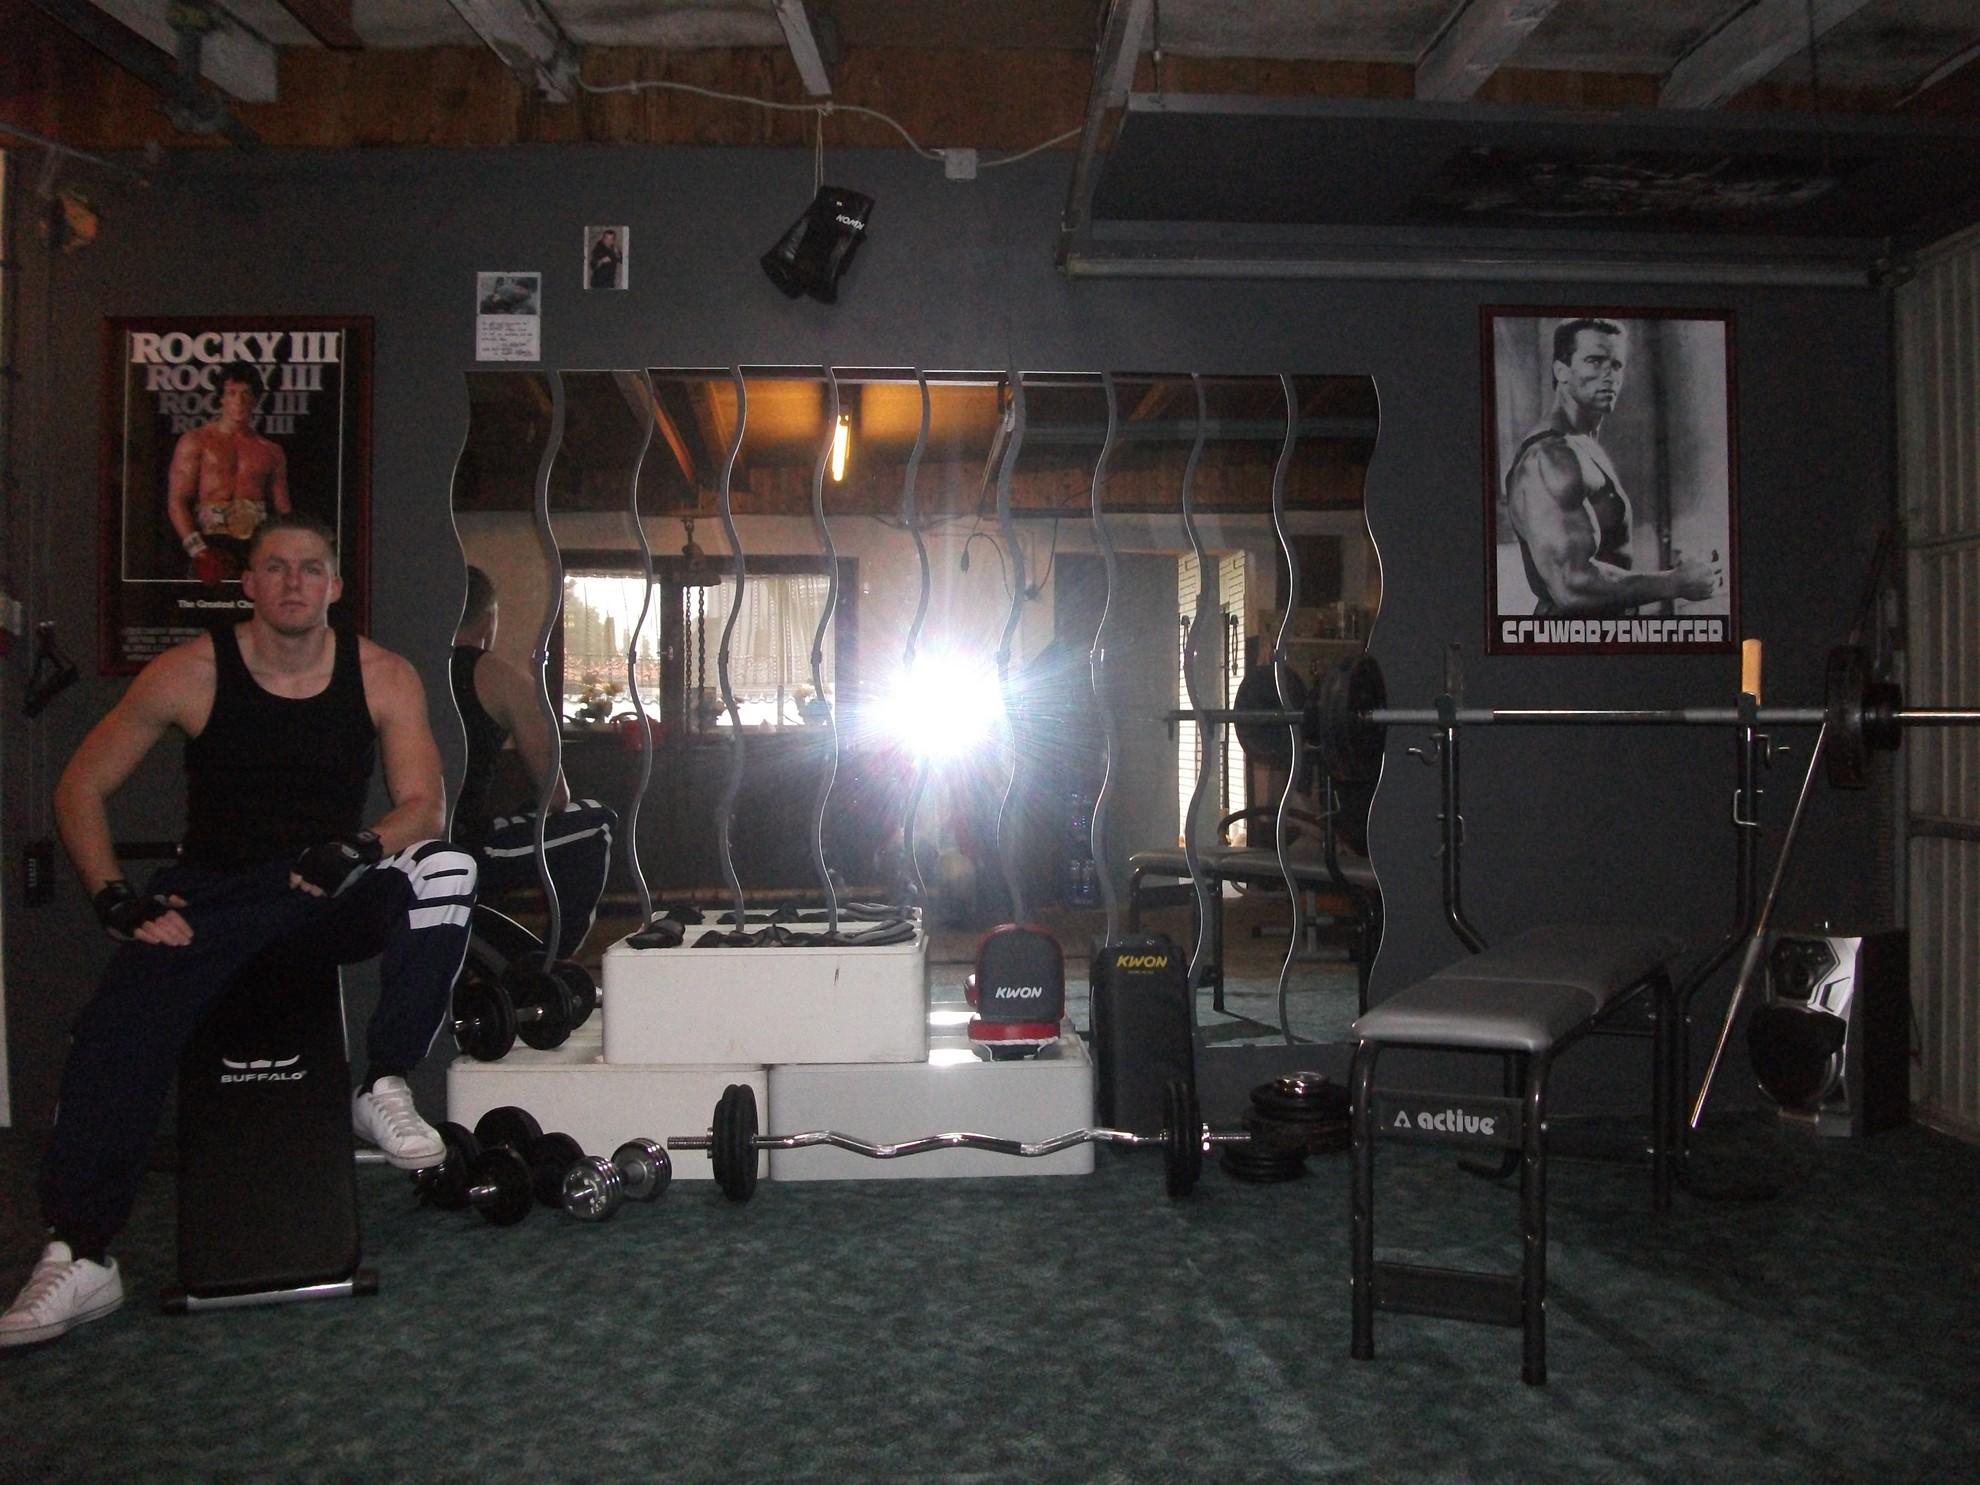 Hier Trainiert Deutschland Teil 1 Flavio Simonettide Jetz Iron Gym Hartes Training